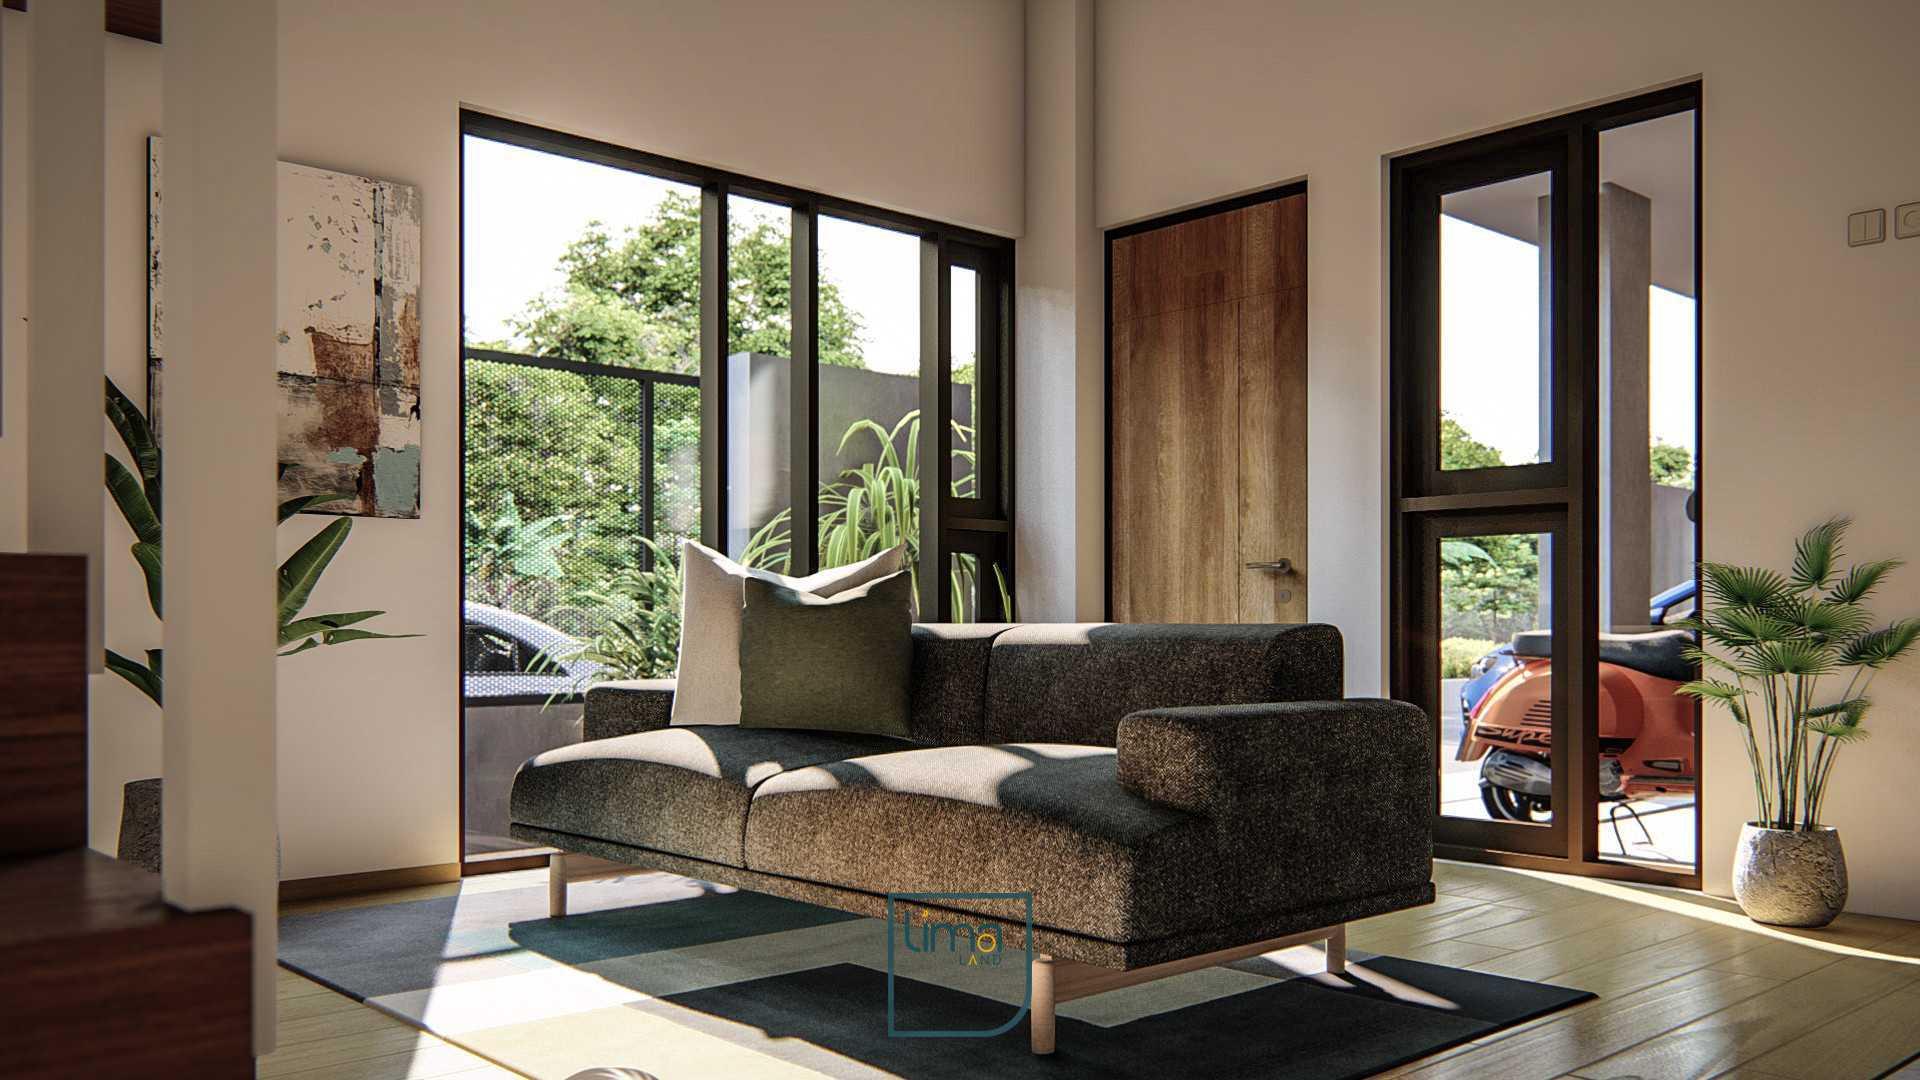 Atelier Lima Lima Land Surabaya, Kota Sby, Jawa Timur, Indonesia Surabaya, Kota Sby, Jawa Timur, Indonesia Atelier-Lima-Lima-Land  101781